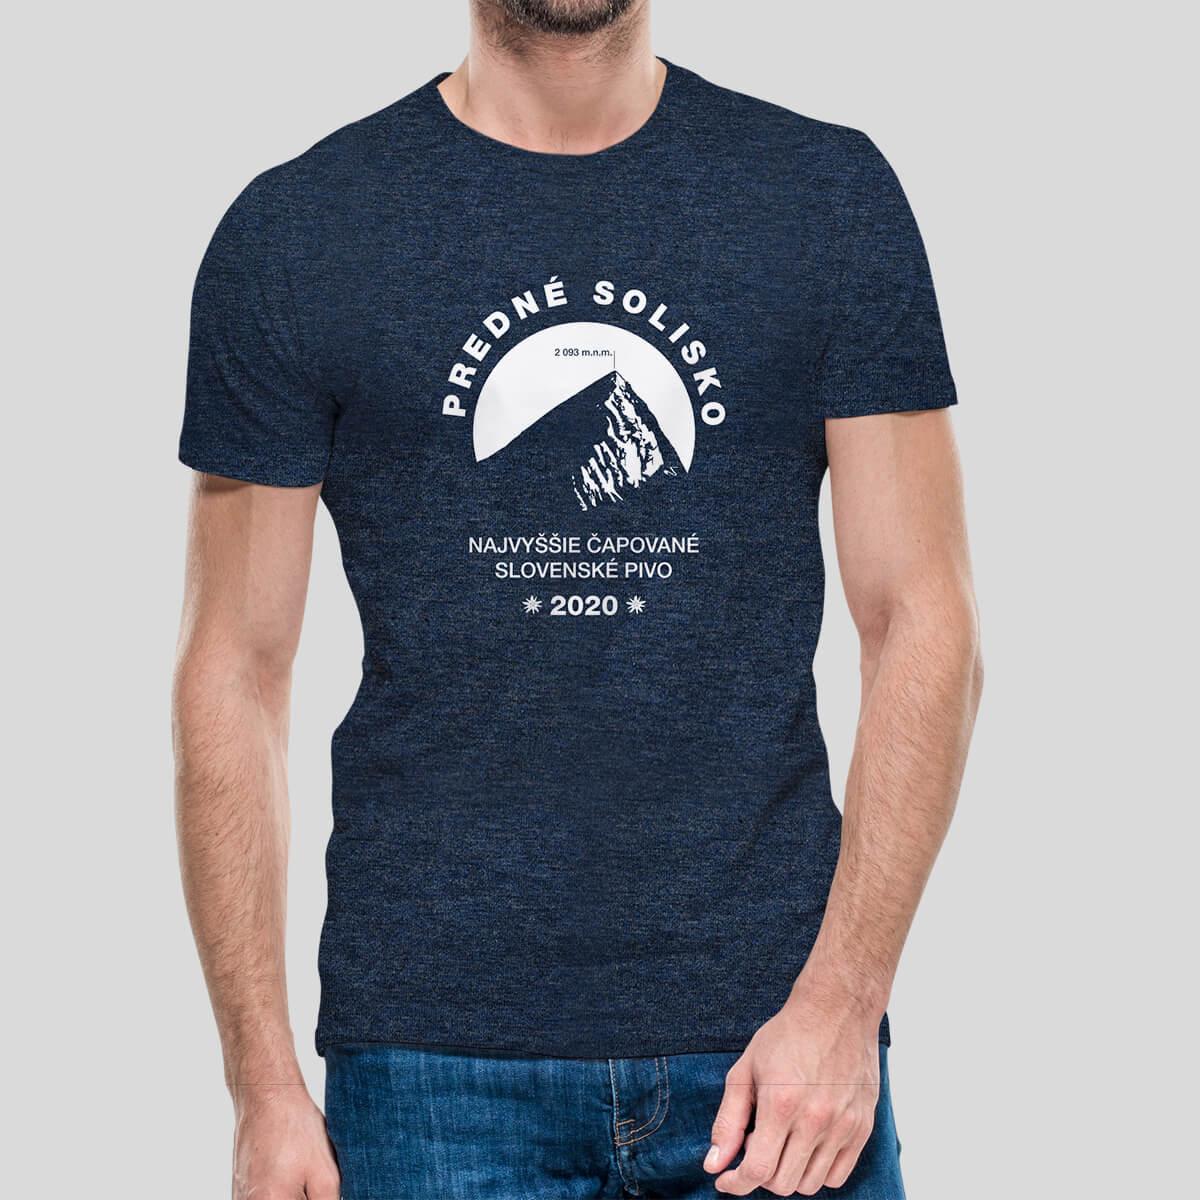 Tričko Pivo Tatry 2020 - veľkosť S (v cene je aj poštovné)